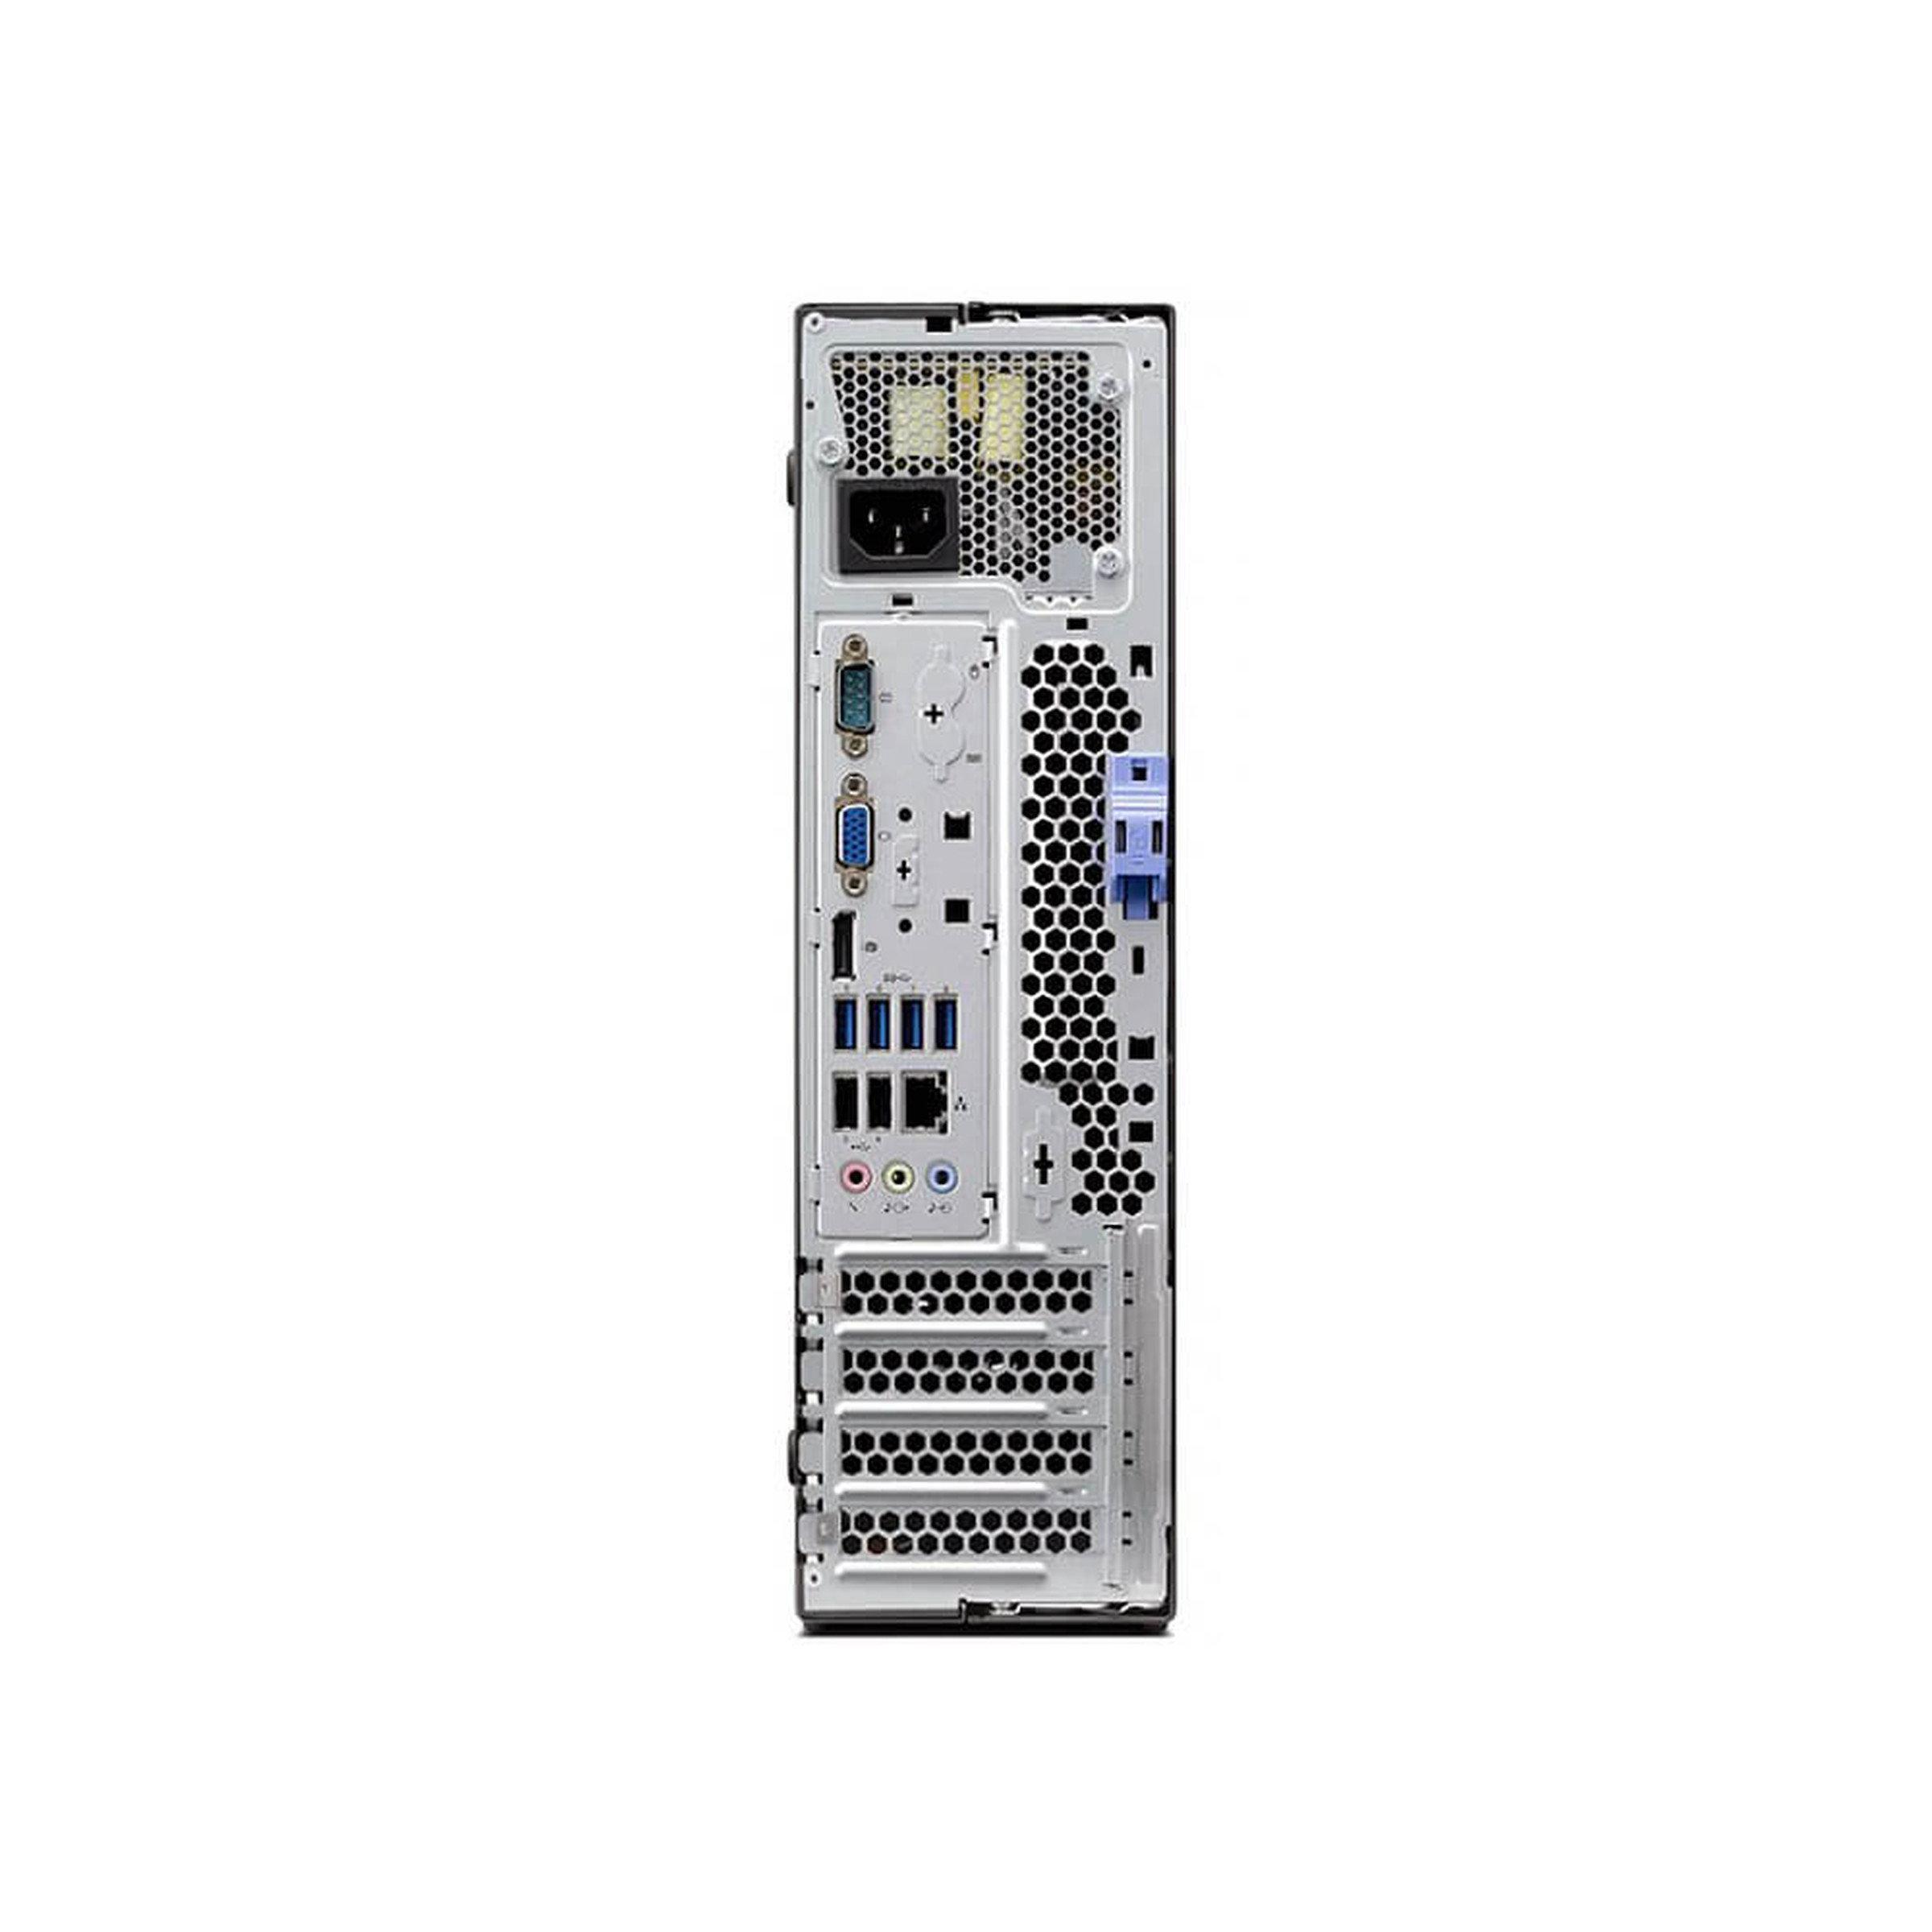 Lenovo ThinkCentre M92p Core i5 3,2 GHz - SSD 480 Go RAM 16 Go